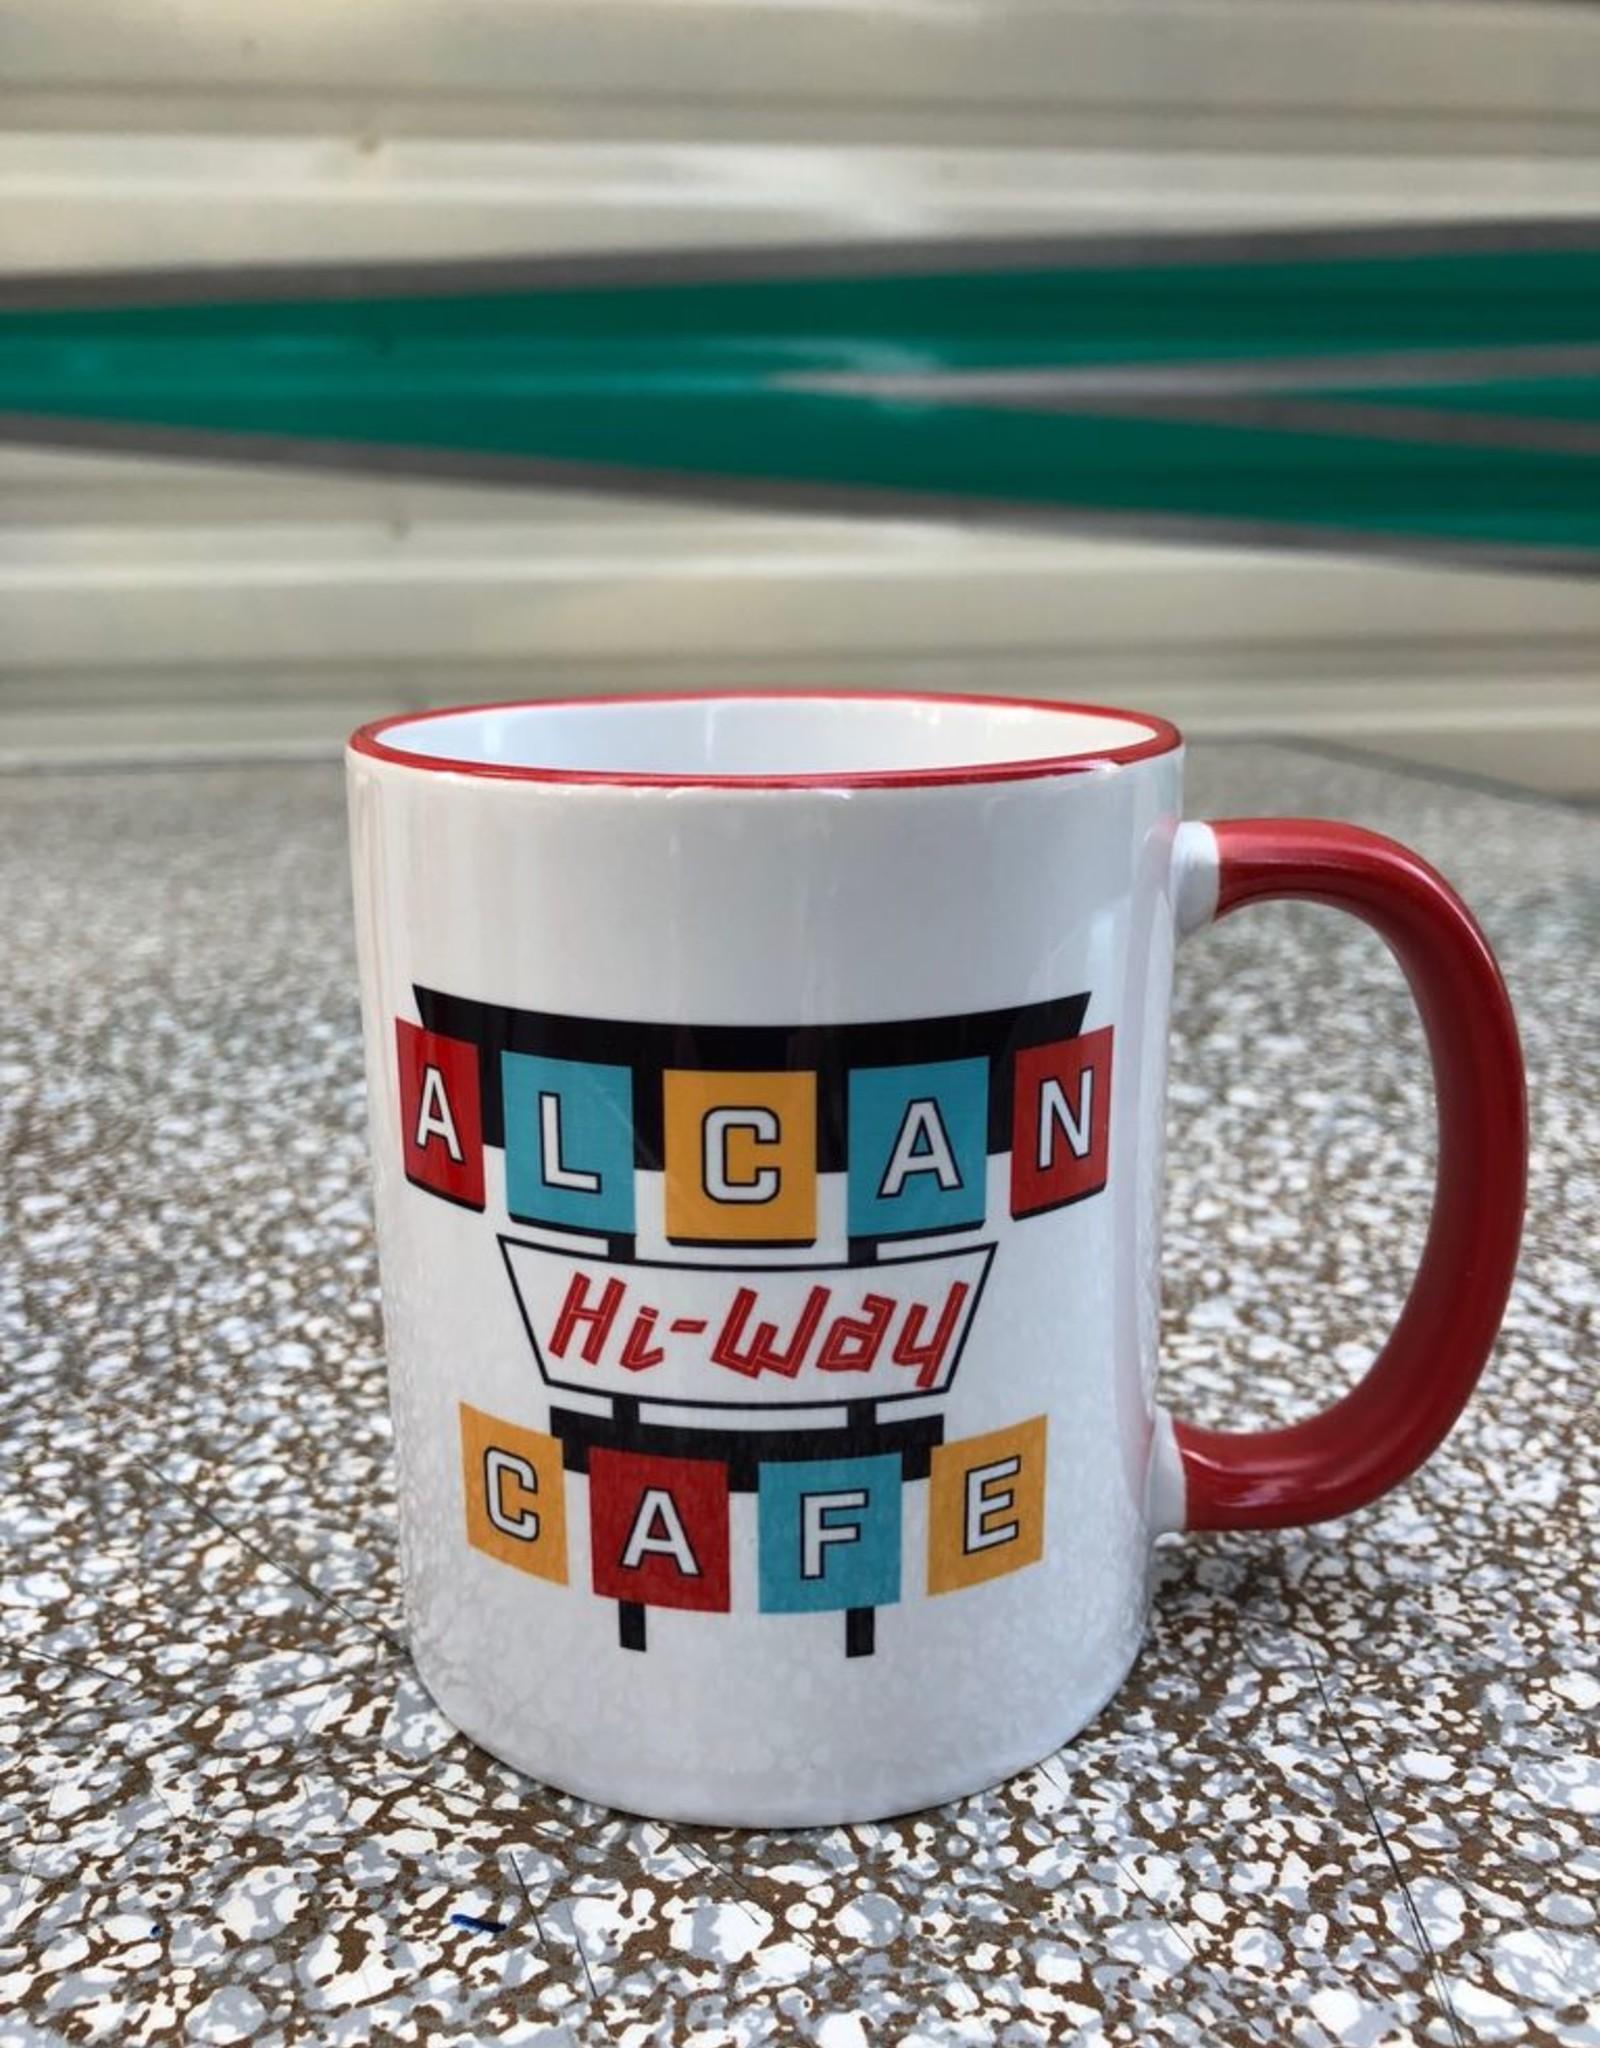 Alcan Cafe Ceramic Mug